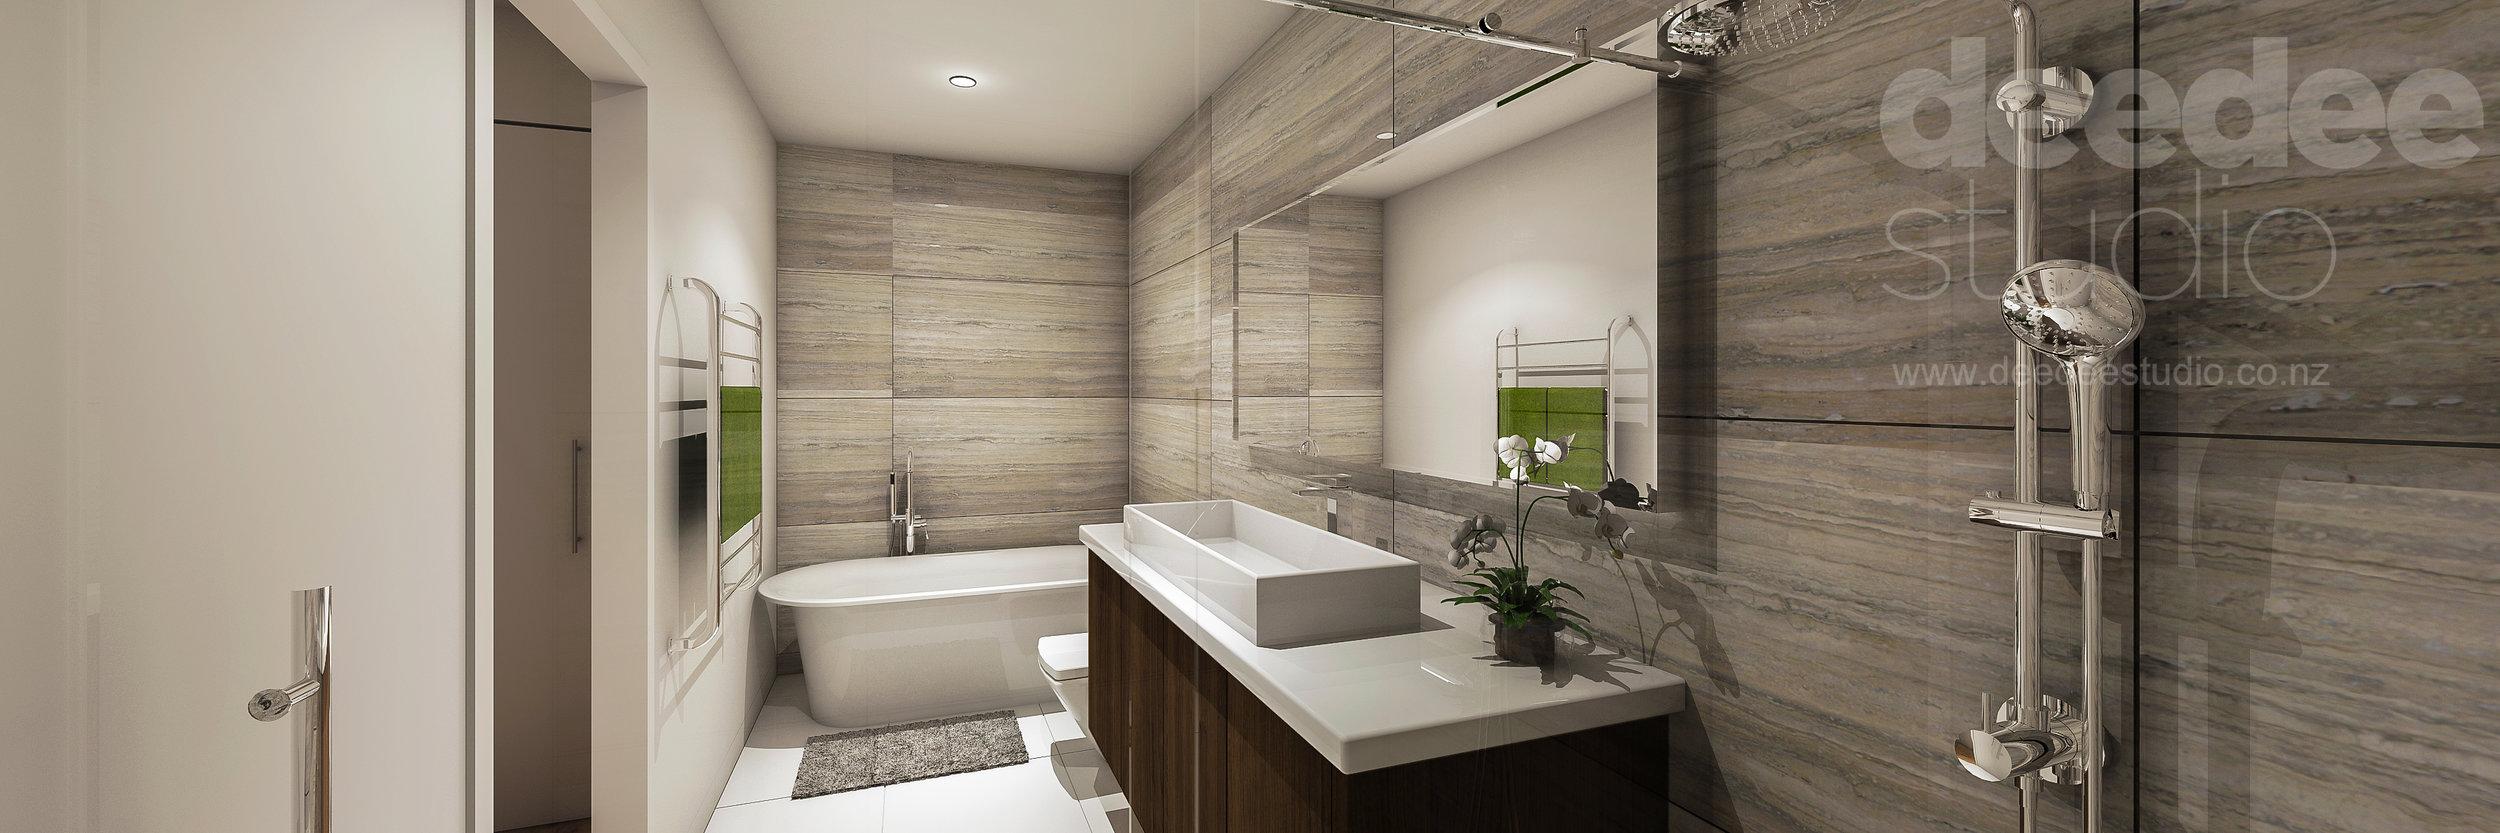 Toilet (2).jpg